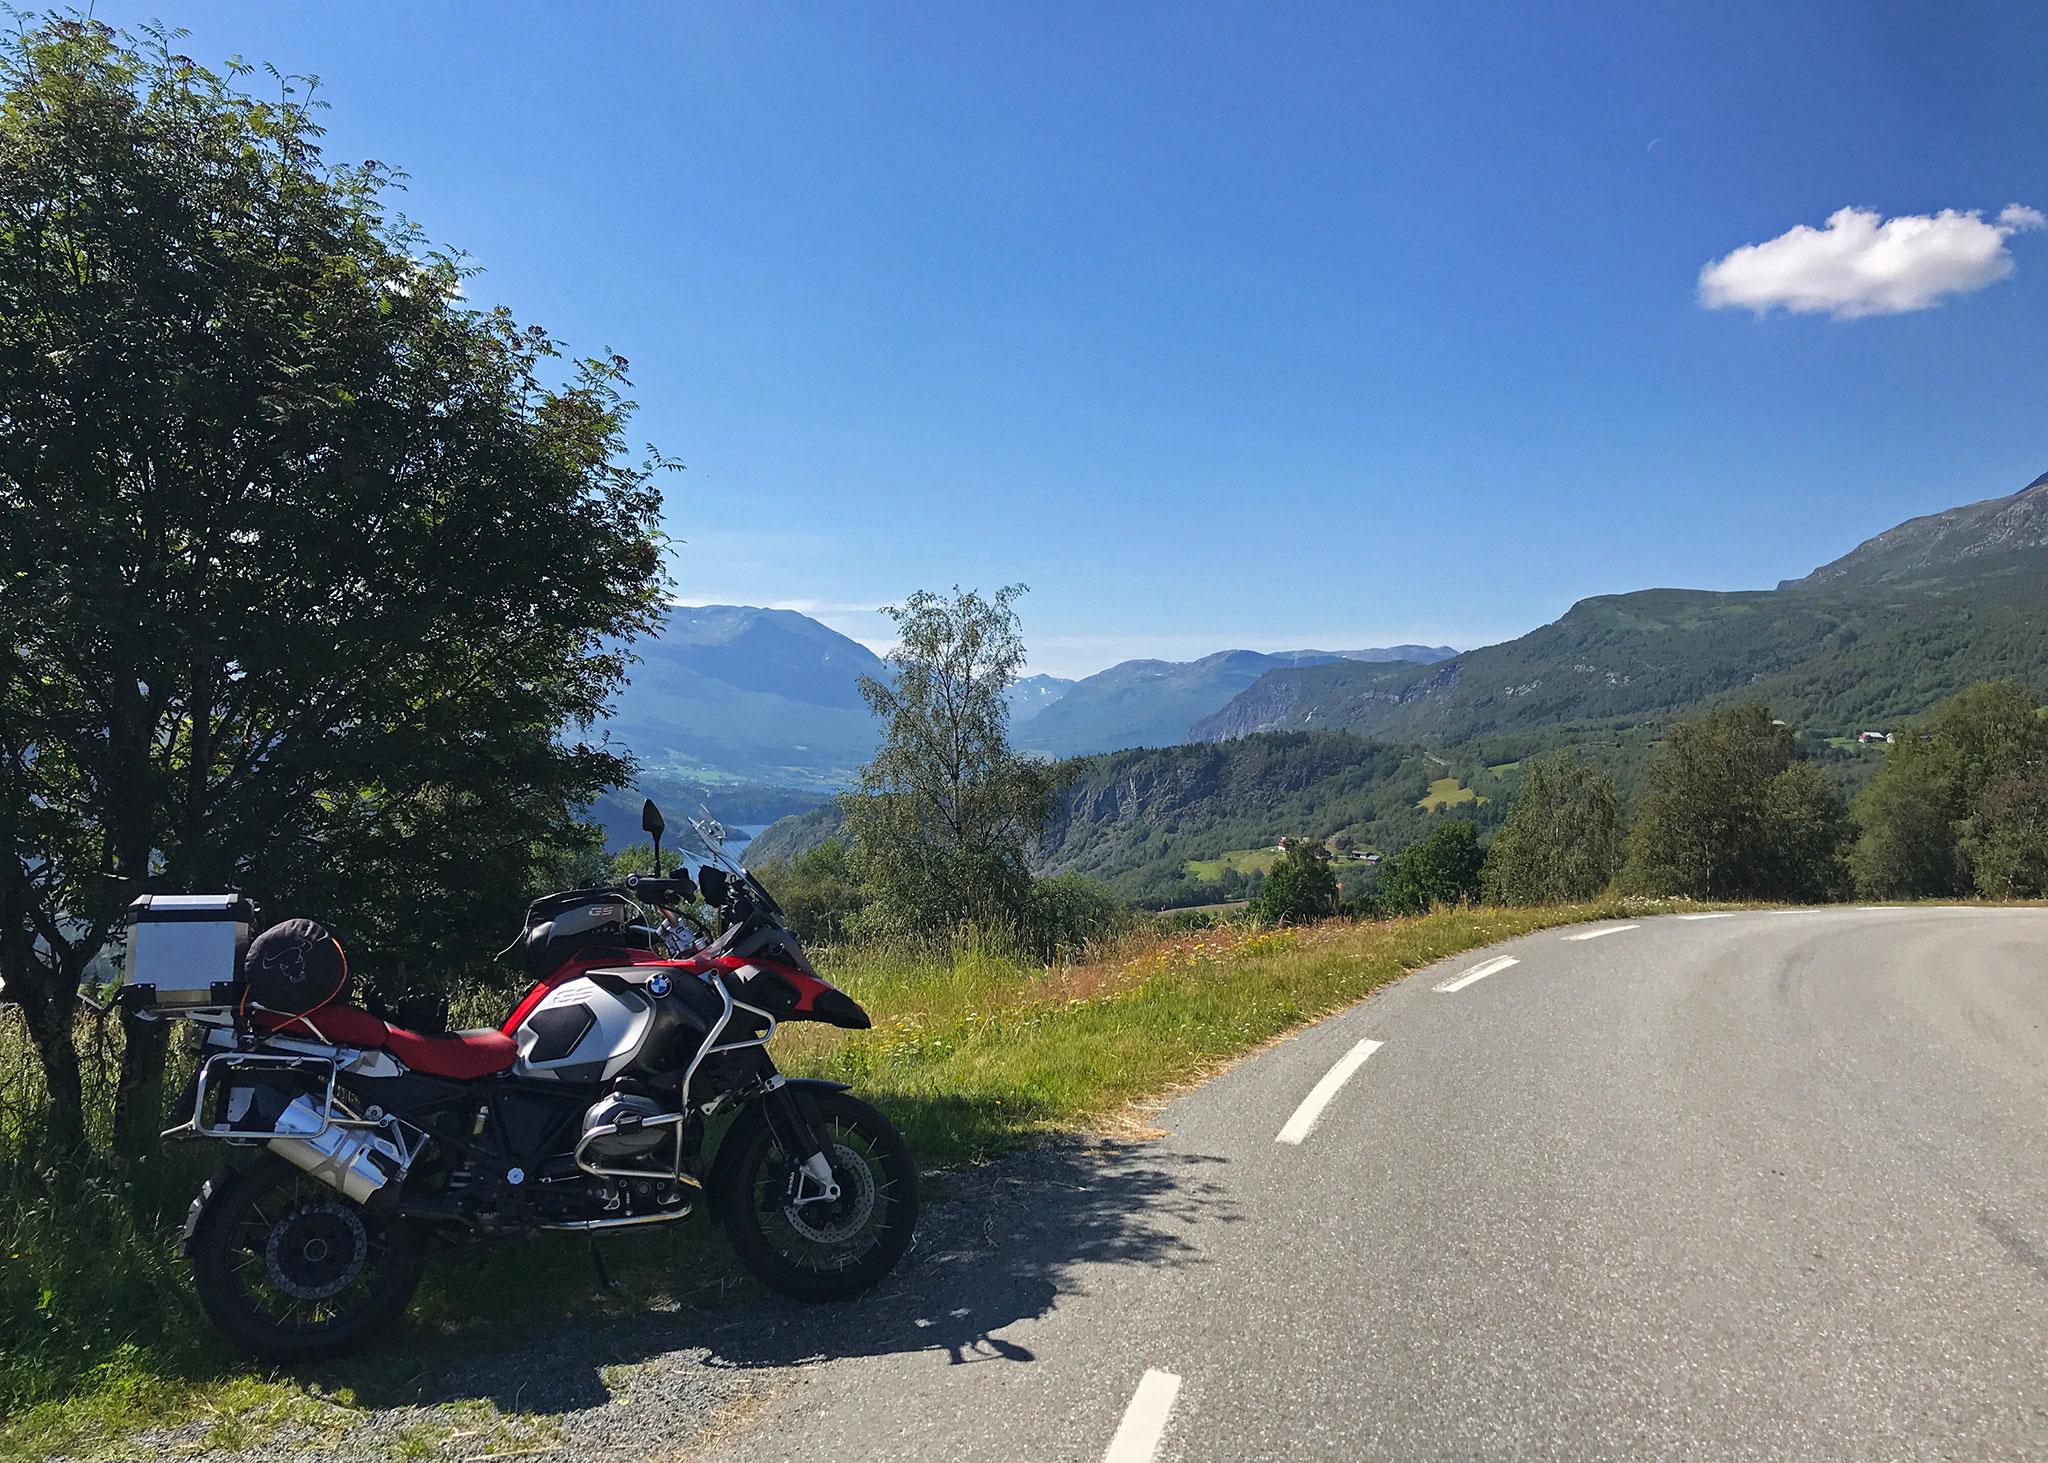 Towards Jotunheimen, riding along Hensåsvegen